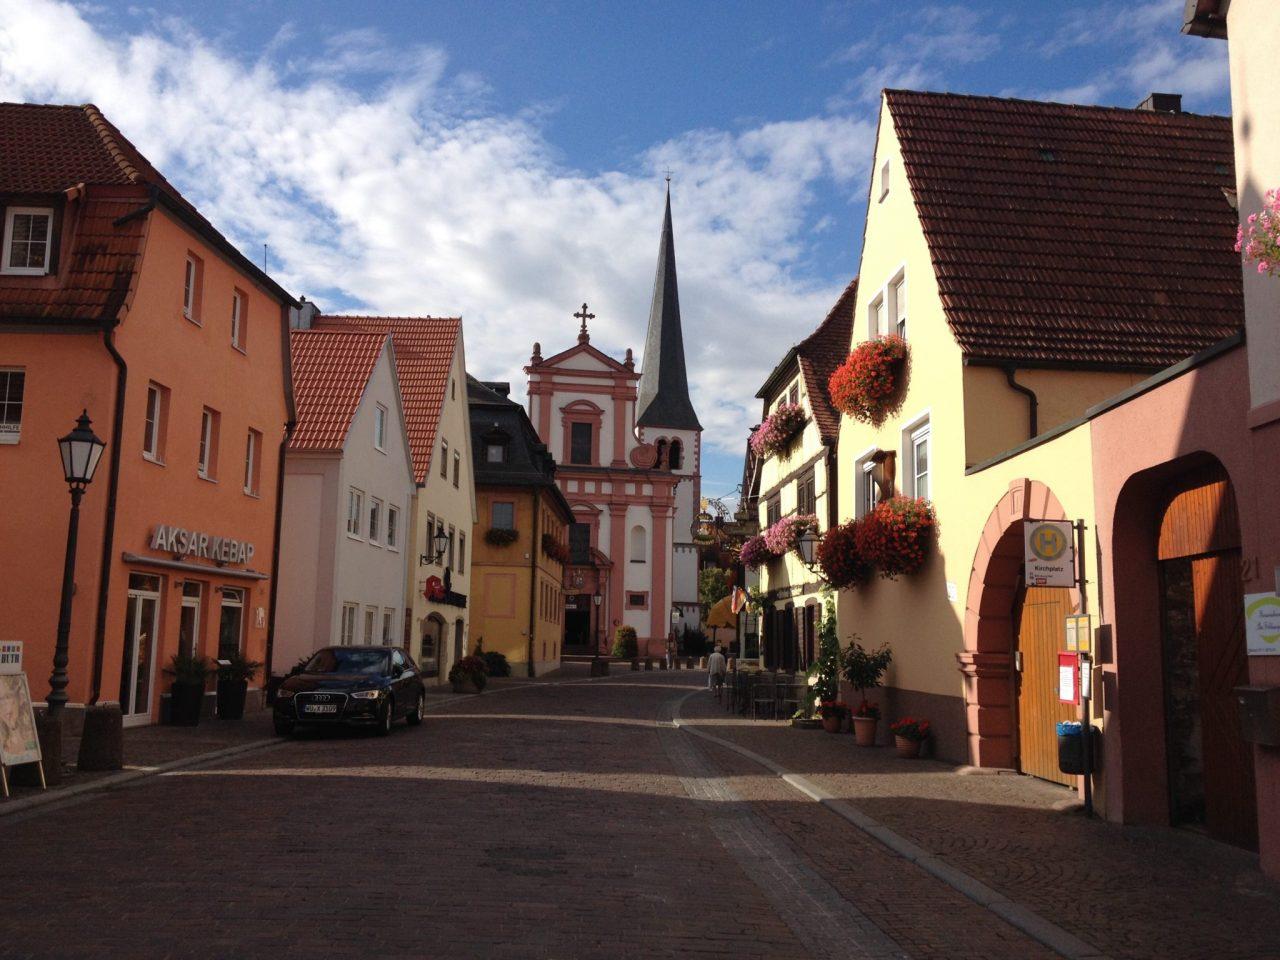 Veitshoechheim Kirchstrasse